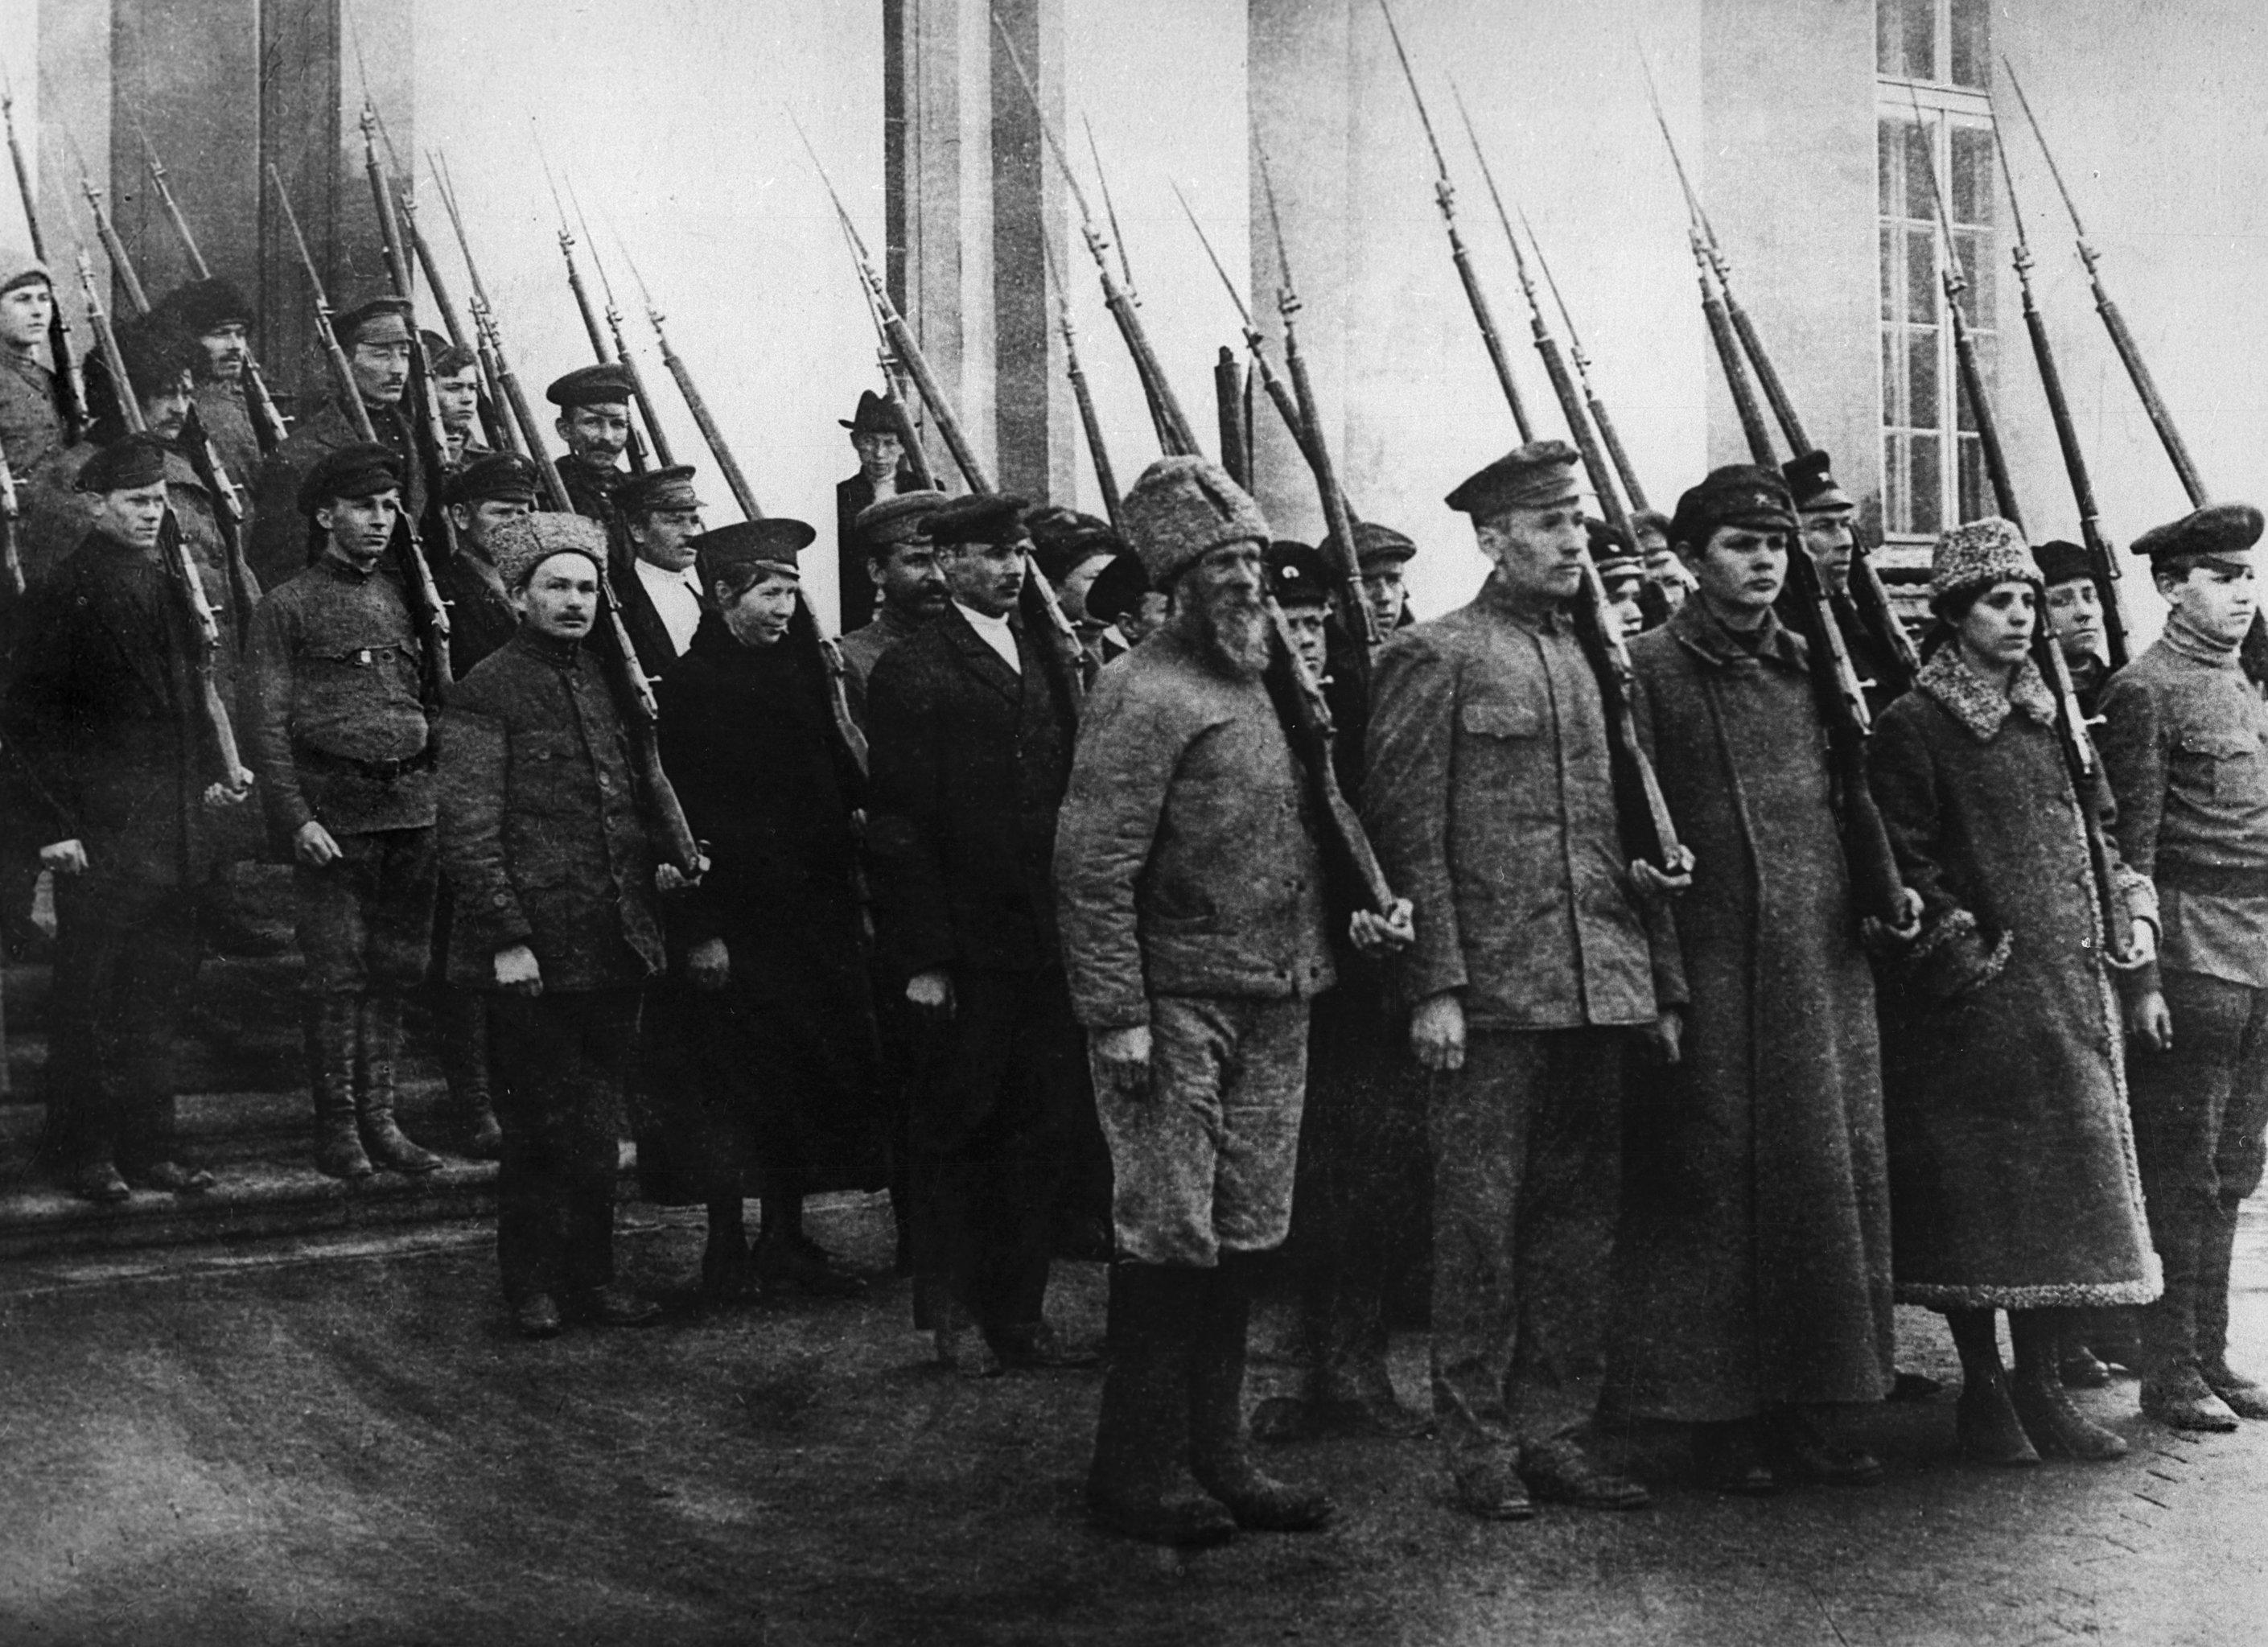 Колонна вооруженных рабочих и служащих во время военной подготовки. Петроград, октябрь 1917 года